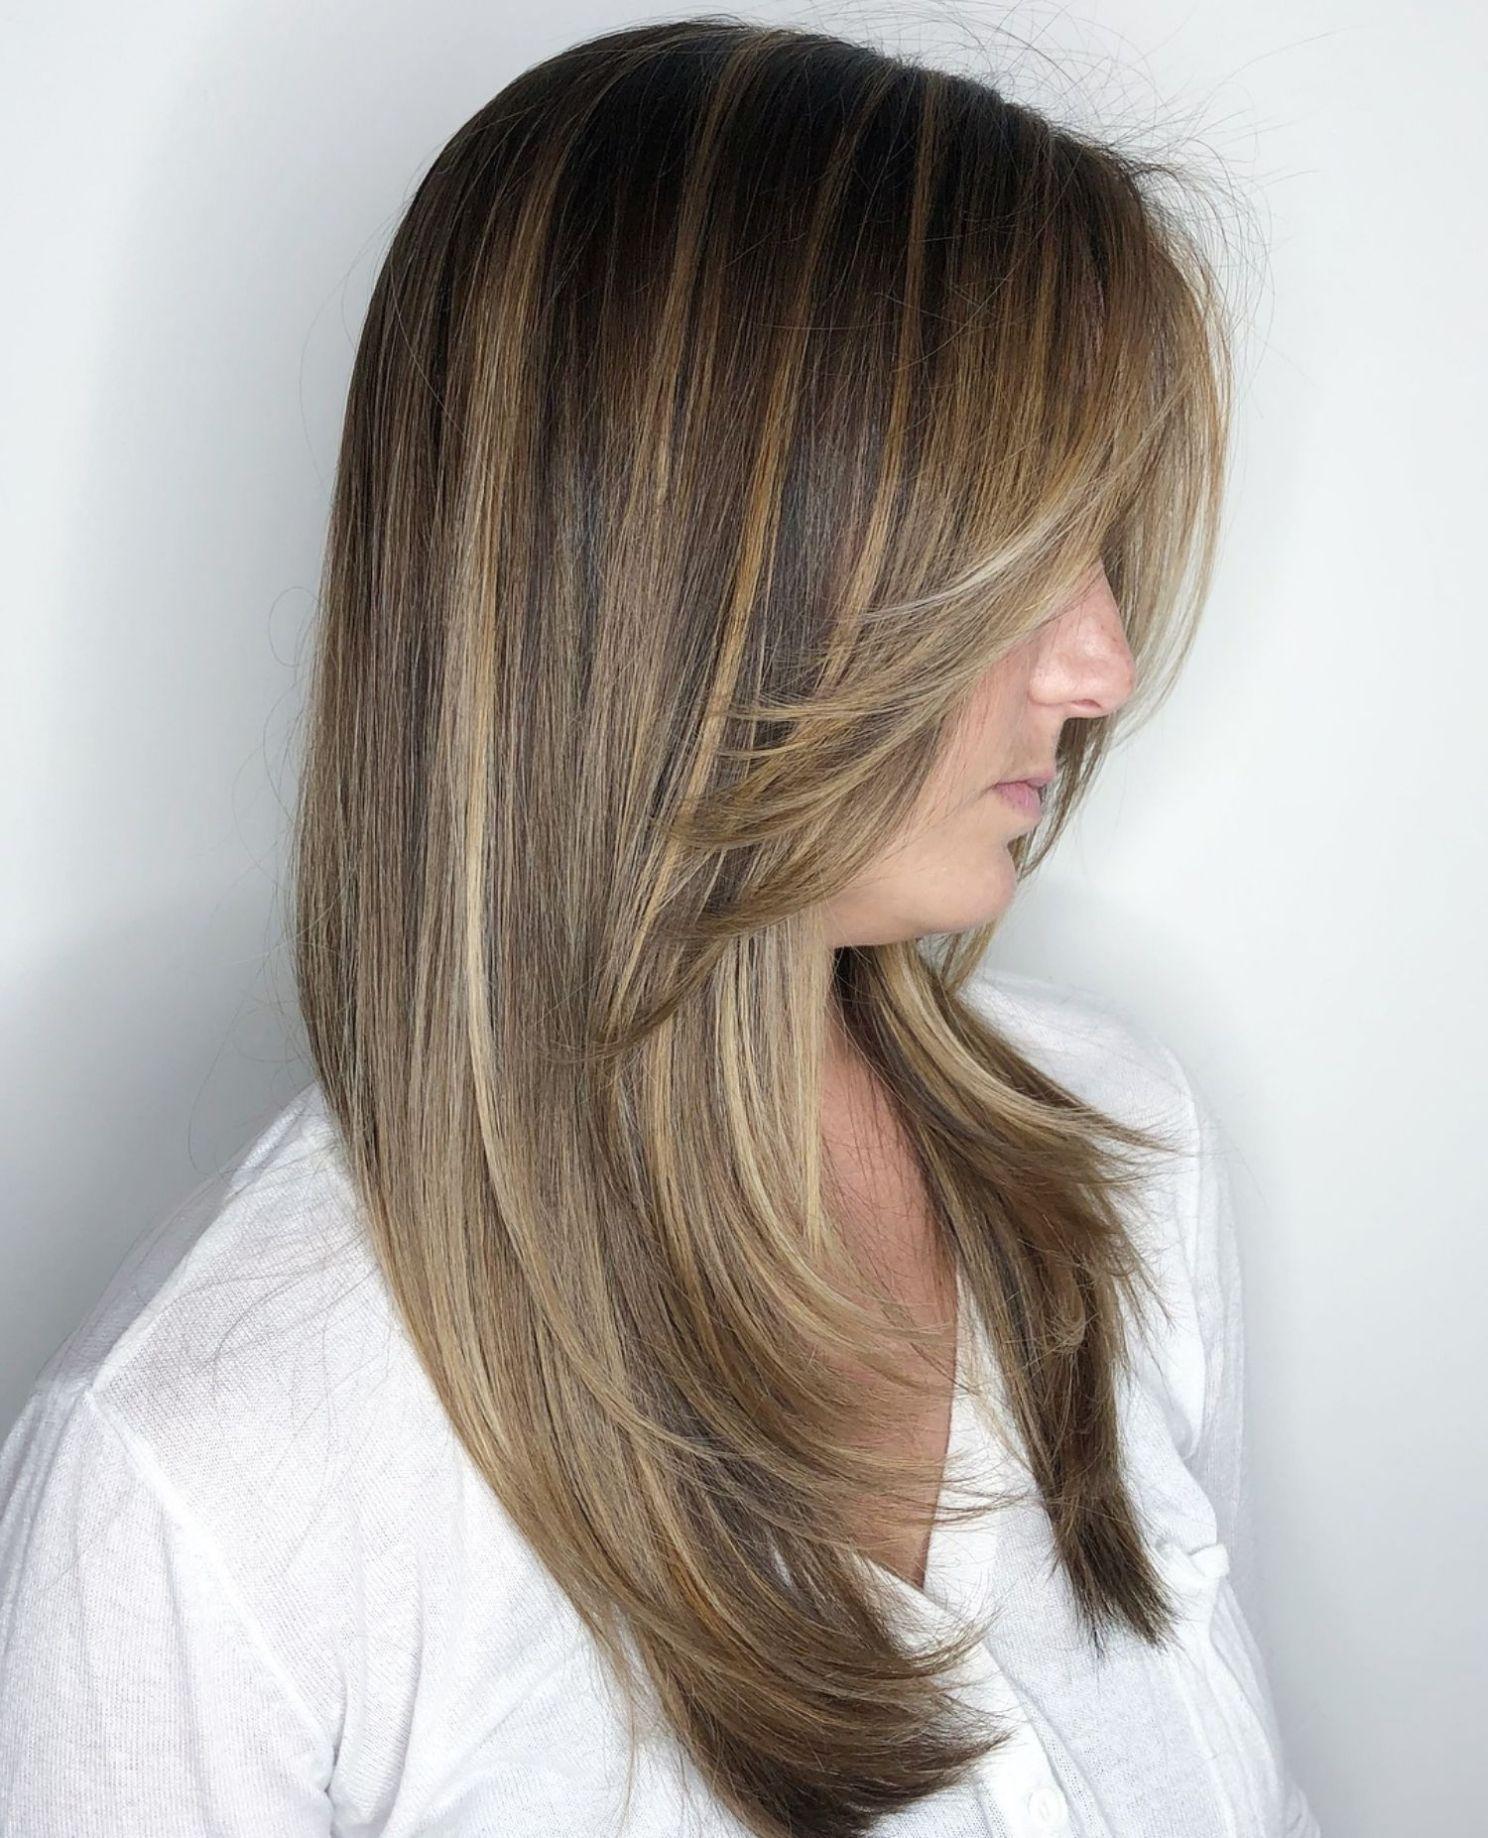 Long Front Layered Haircut Long Thin Hair Feathered Hairstyles Long Layered Hair